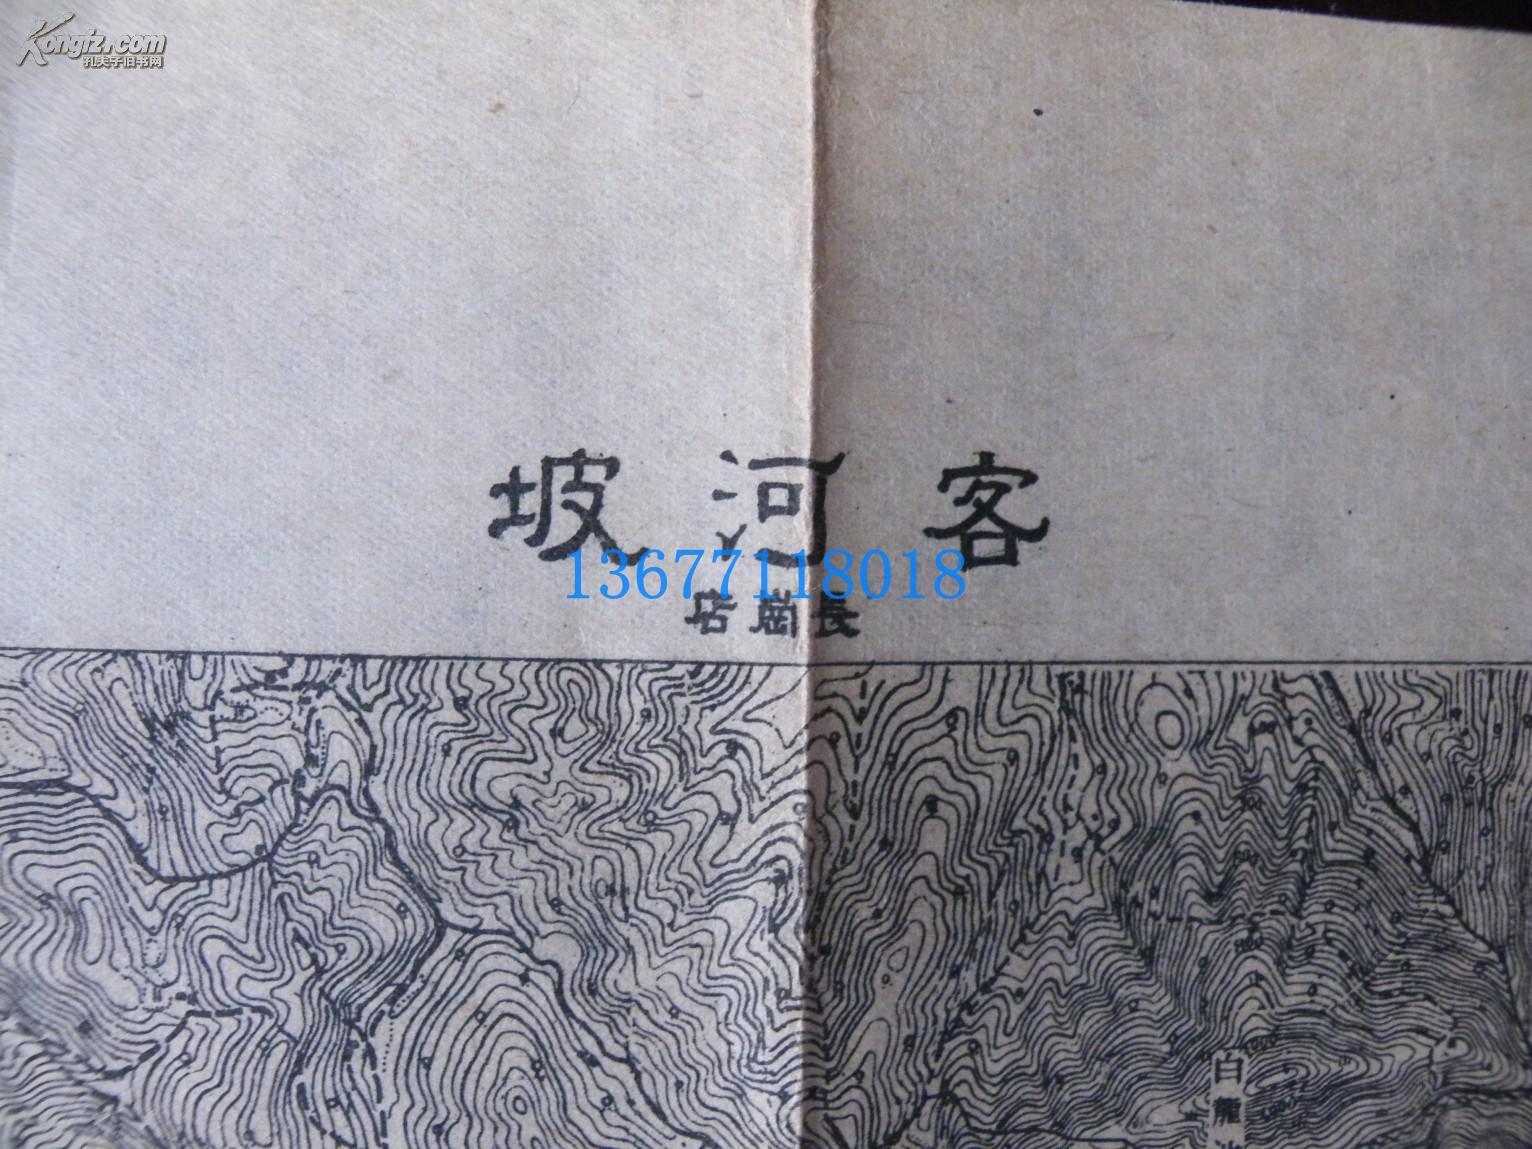 【图】民国(国军)地图(264)~~湖北省安陆县或随县